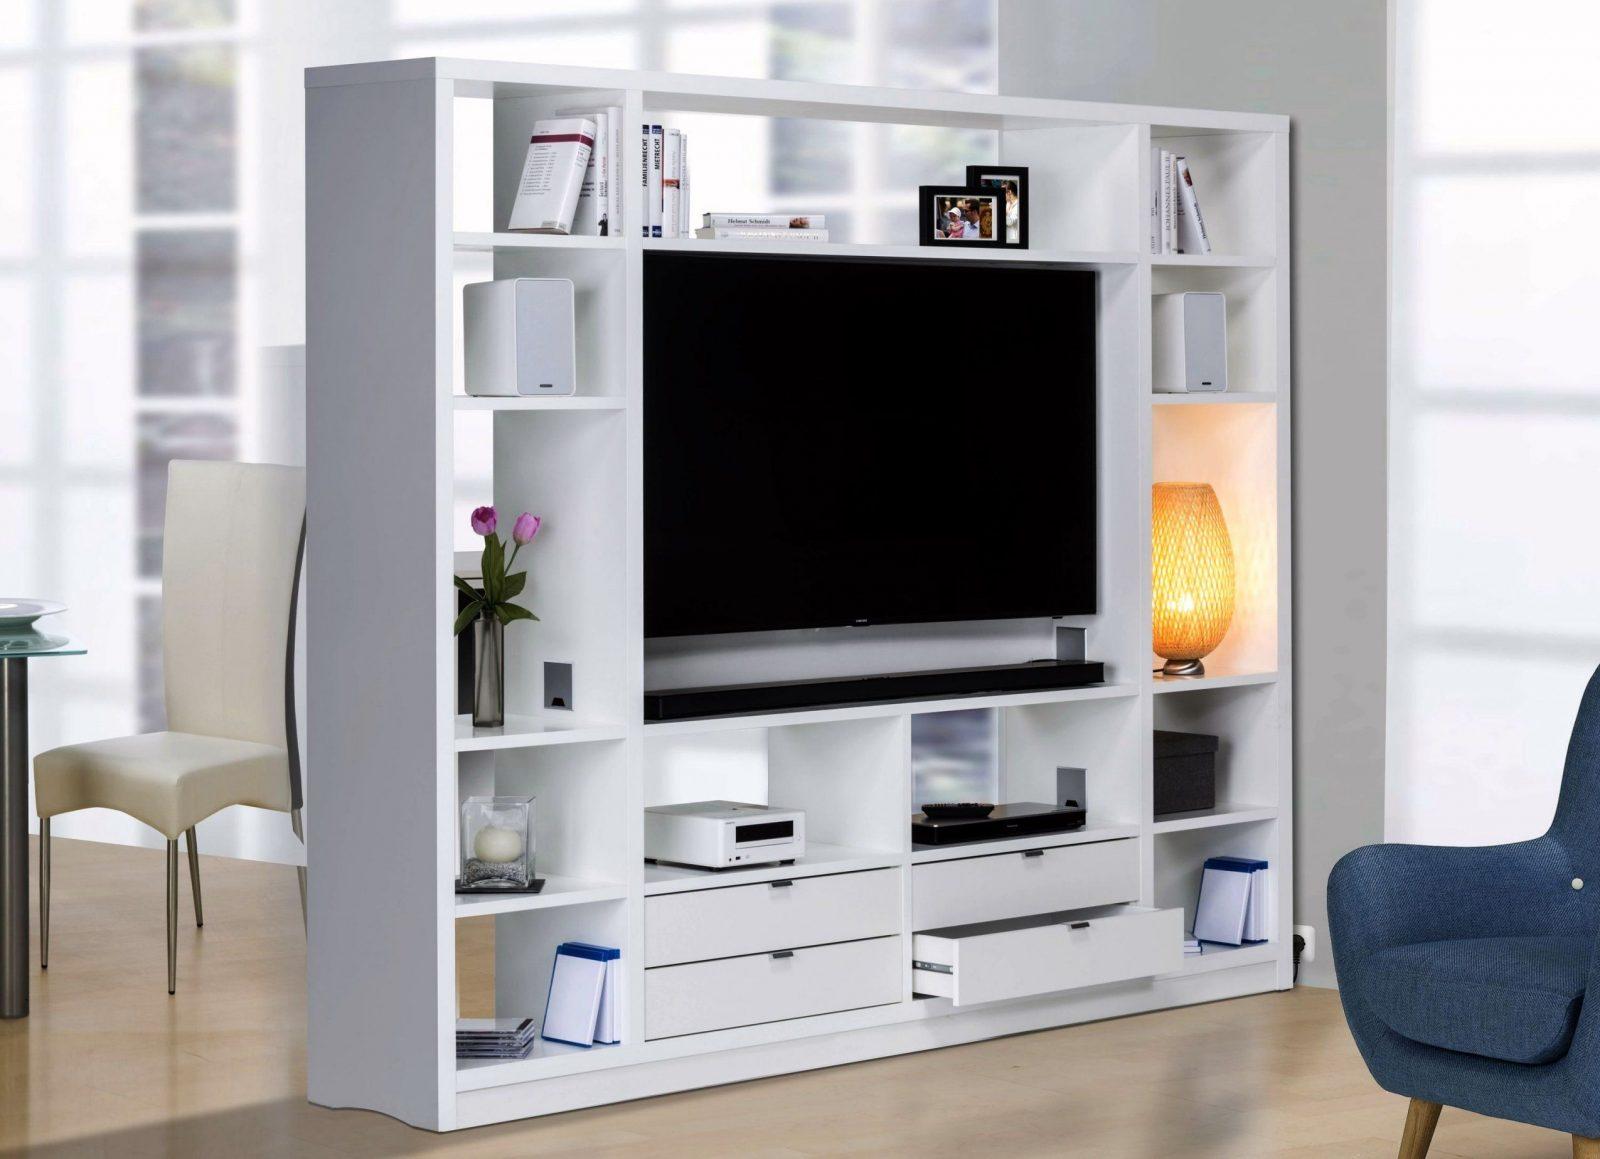 Momati24  Raumteiler 6020  Trendmöbel Aus Der Fabrik von Raumteiler Mit Tv Fach Bild